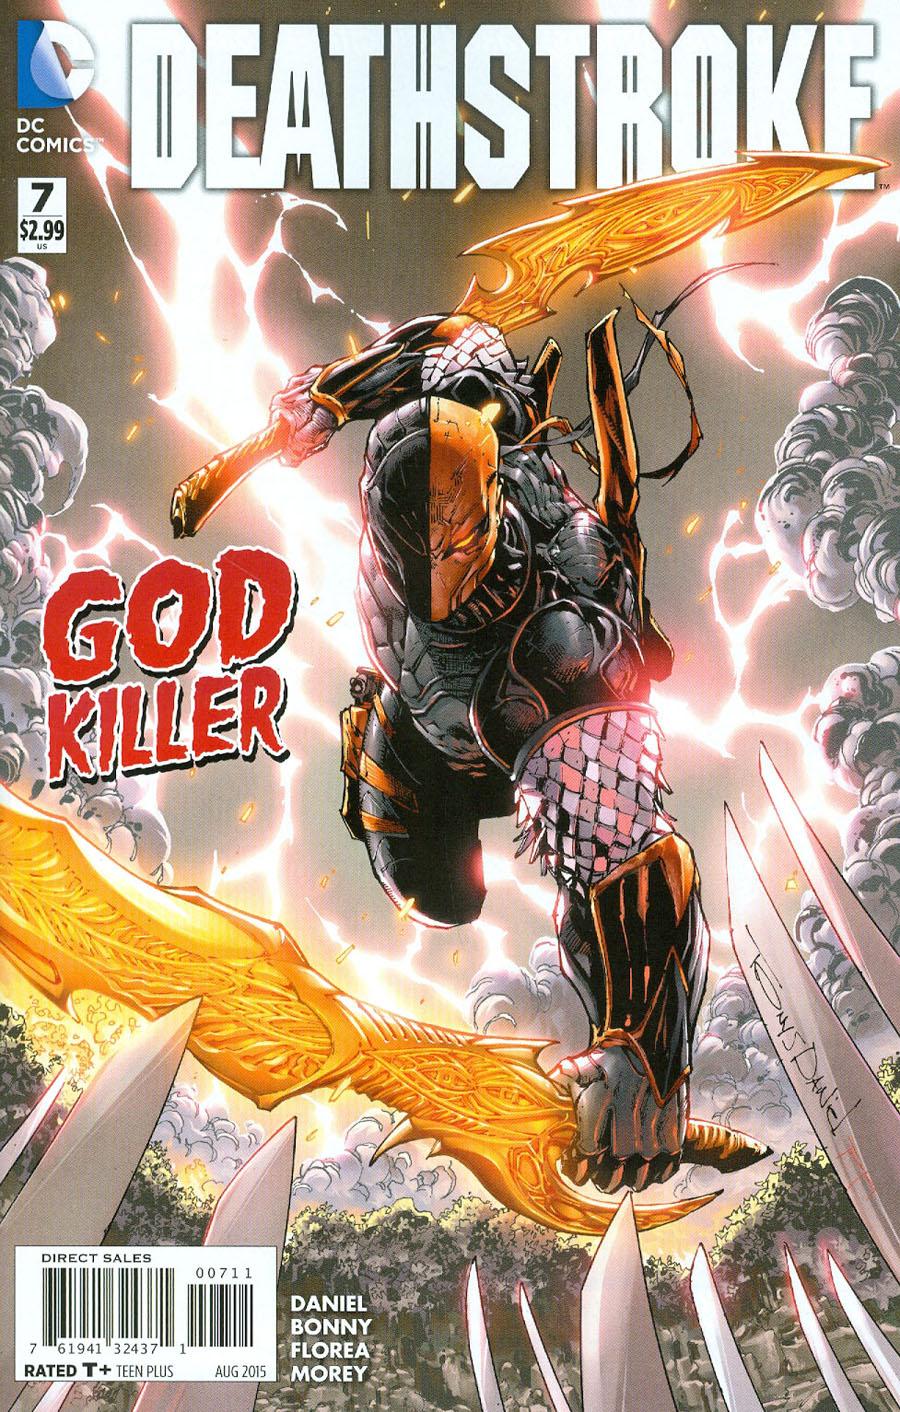 Deathstroke Vol 3 #7 Cover A Regular Tony S Daniel Cover